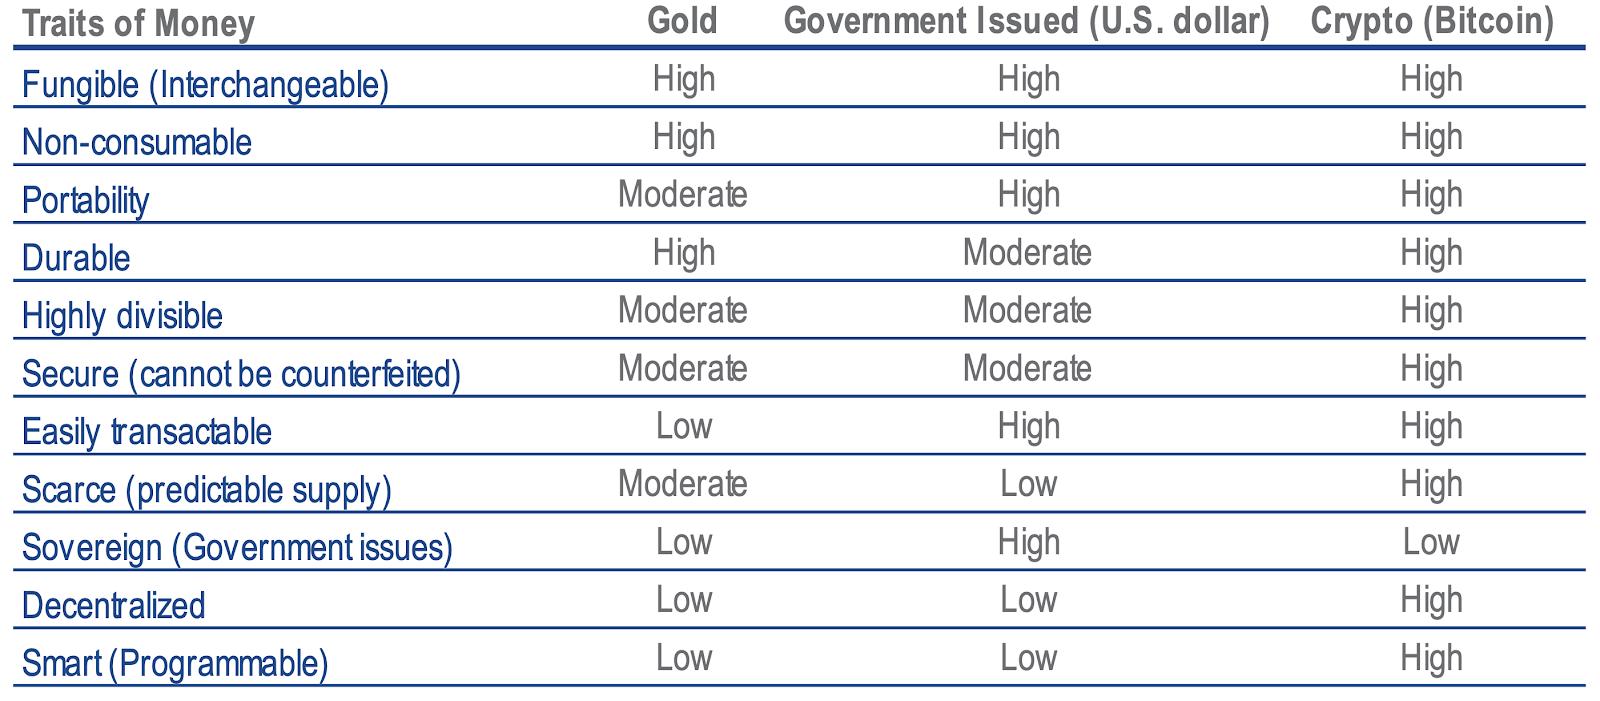 黄金,美元和比特币的货币特性比较